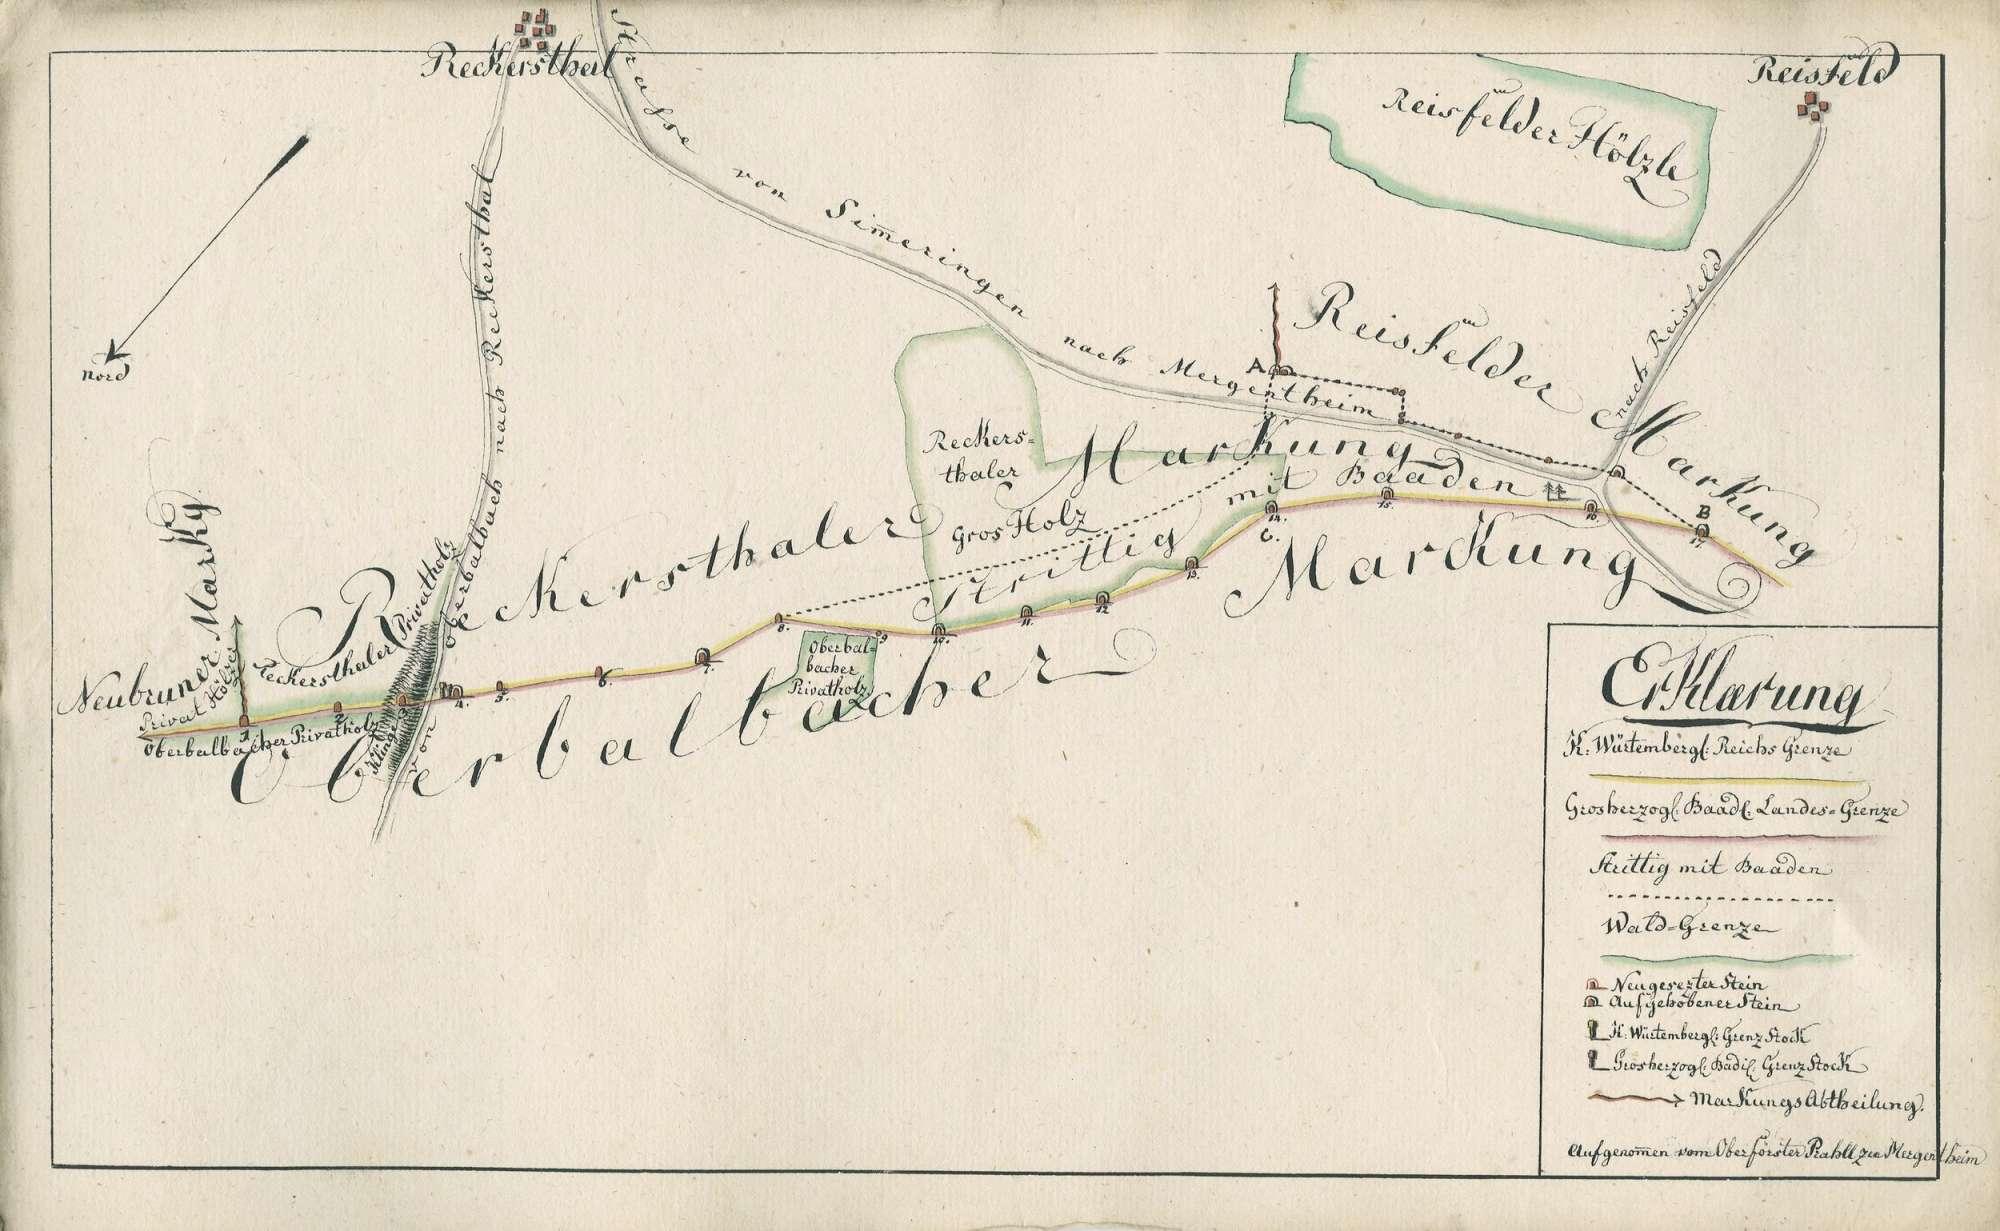 [Grenzziehung zwischen Oberbalbach und Reckerstal], Bild 1